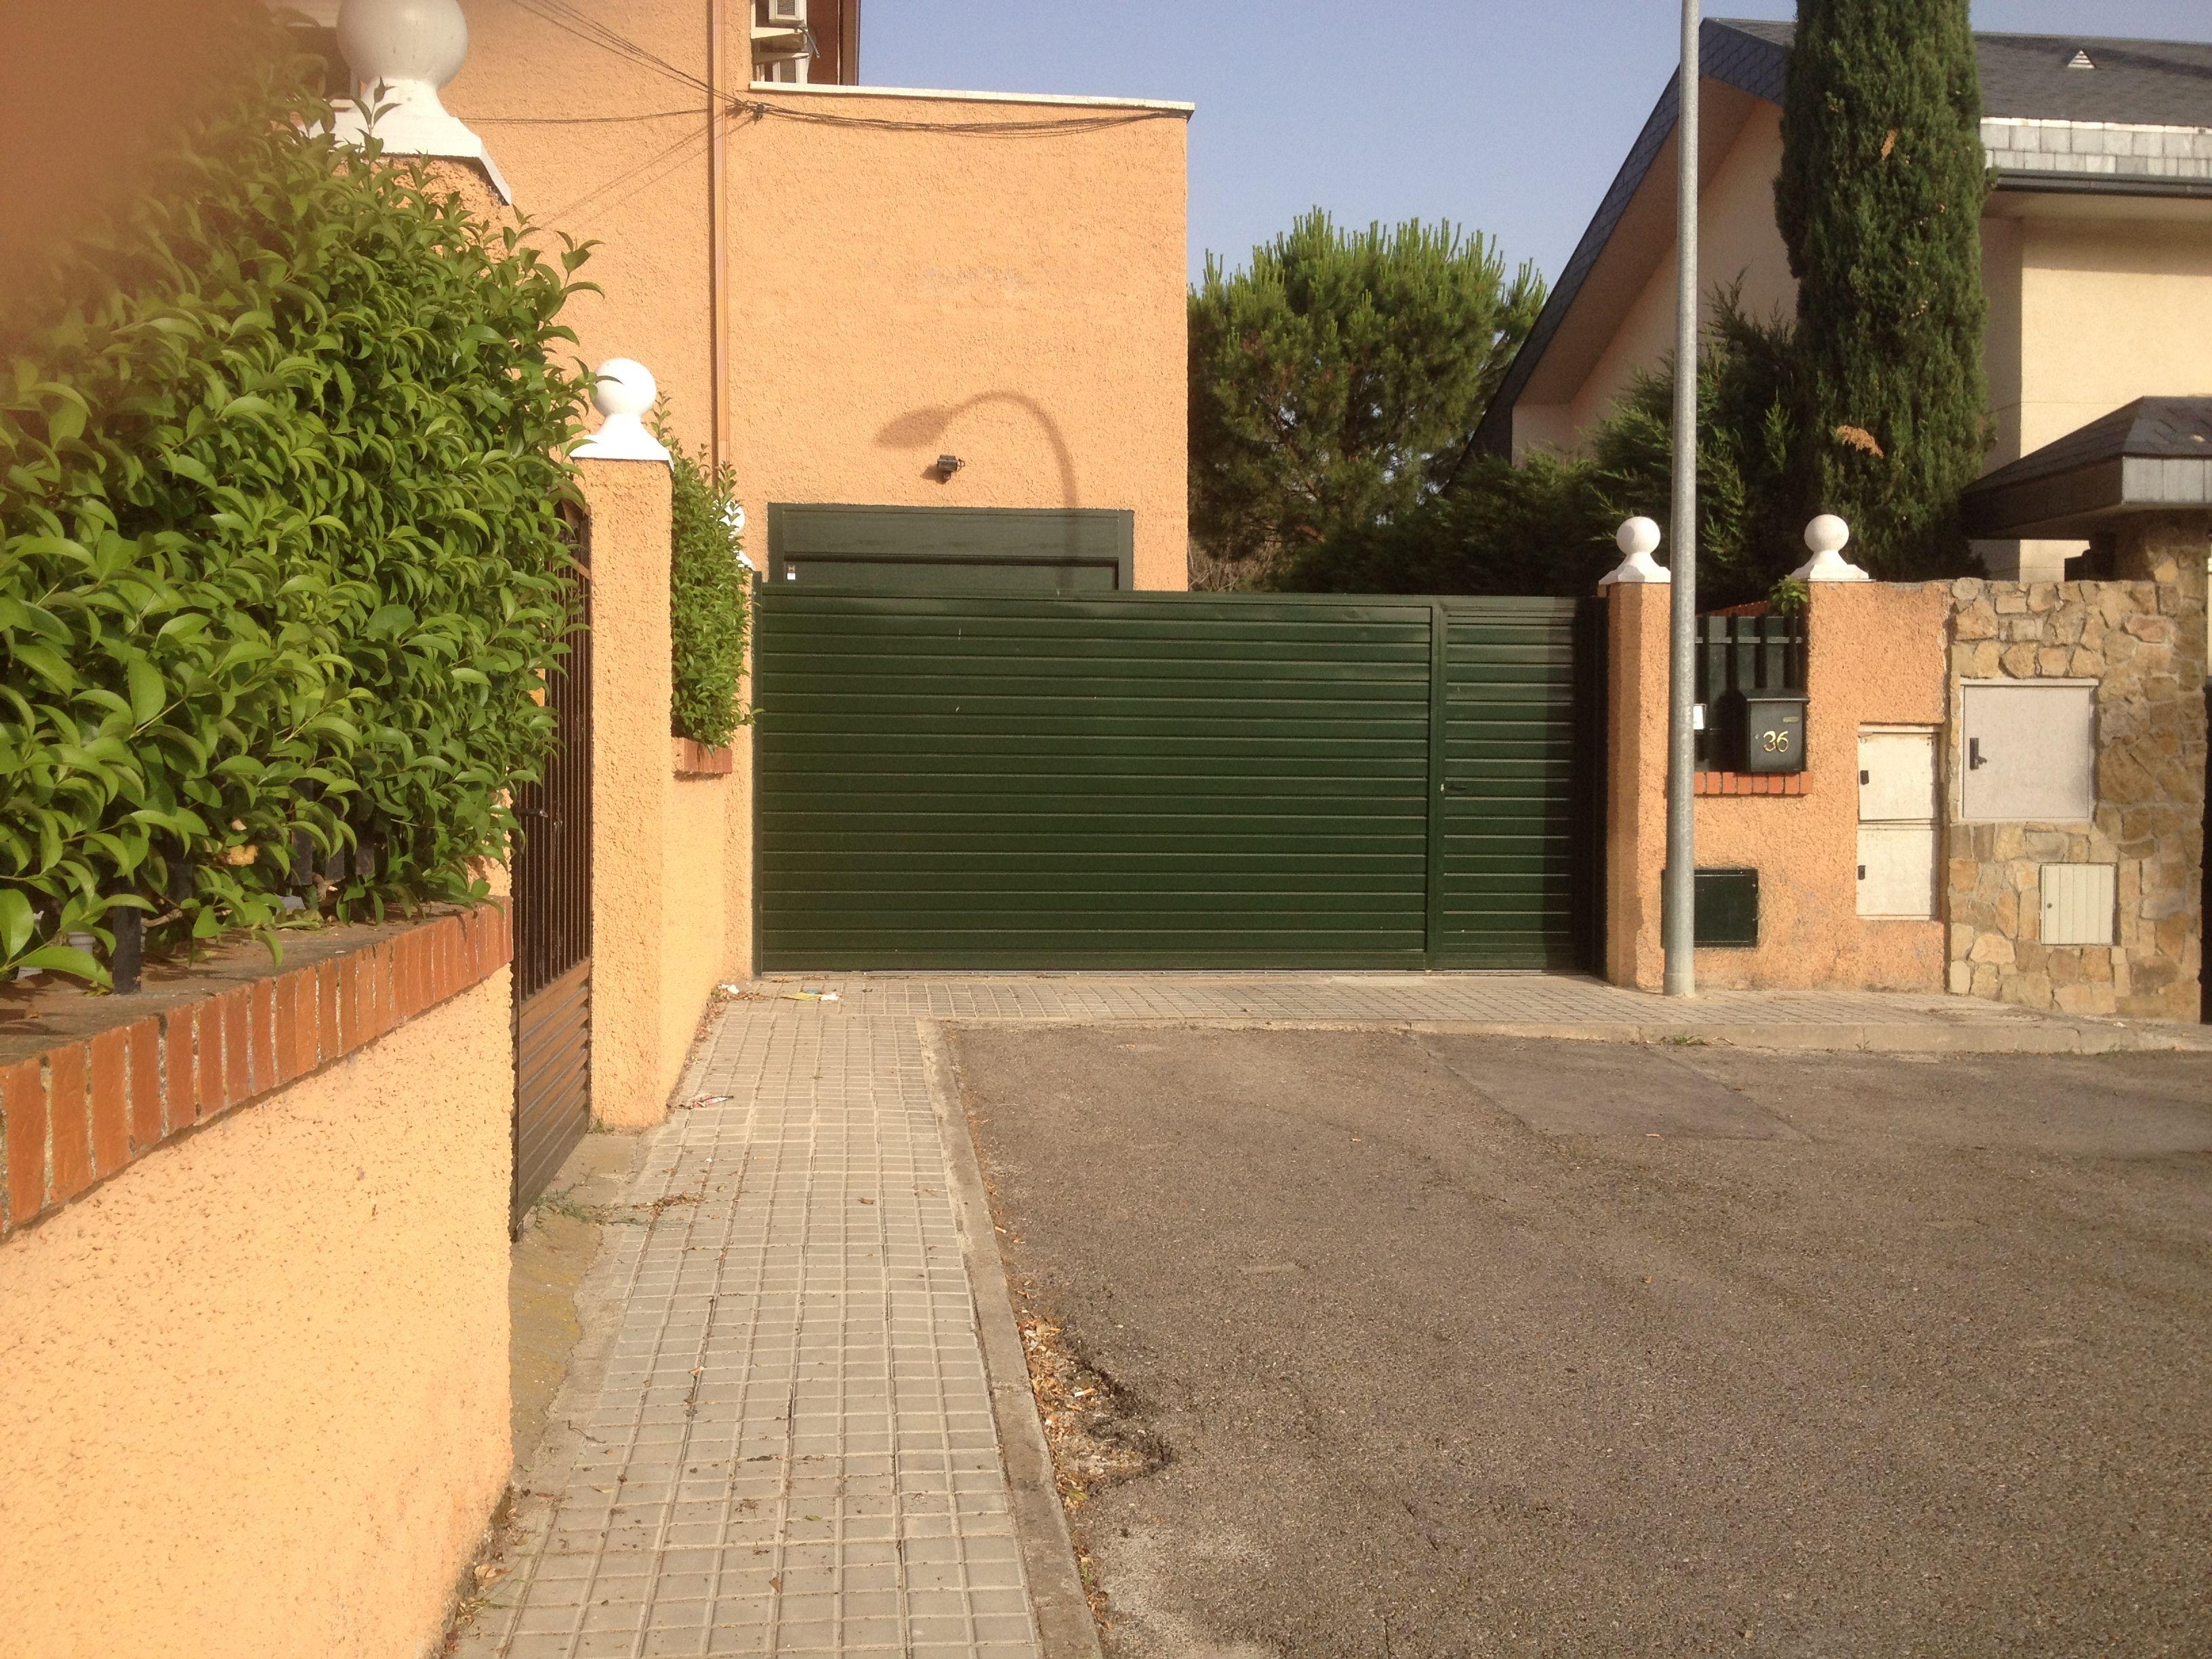 Puertas correderas y abatibles cat logo de puertas j y p - Puertas correderas abatibles ...